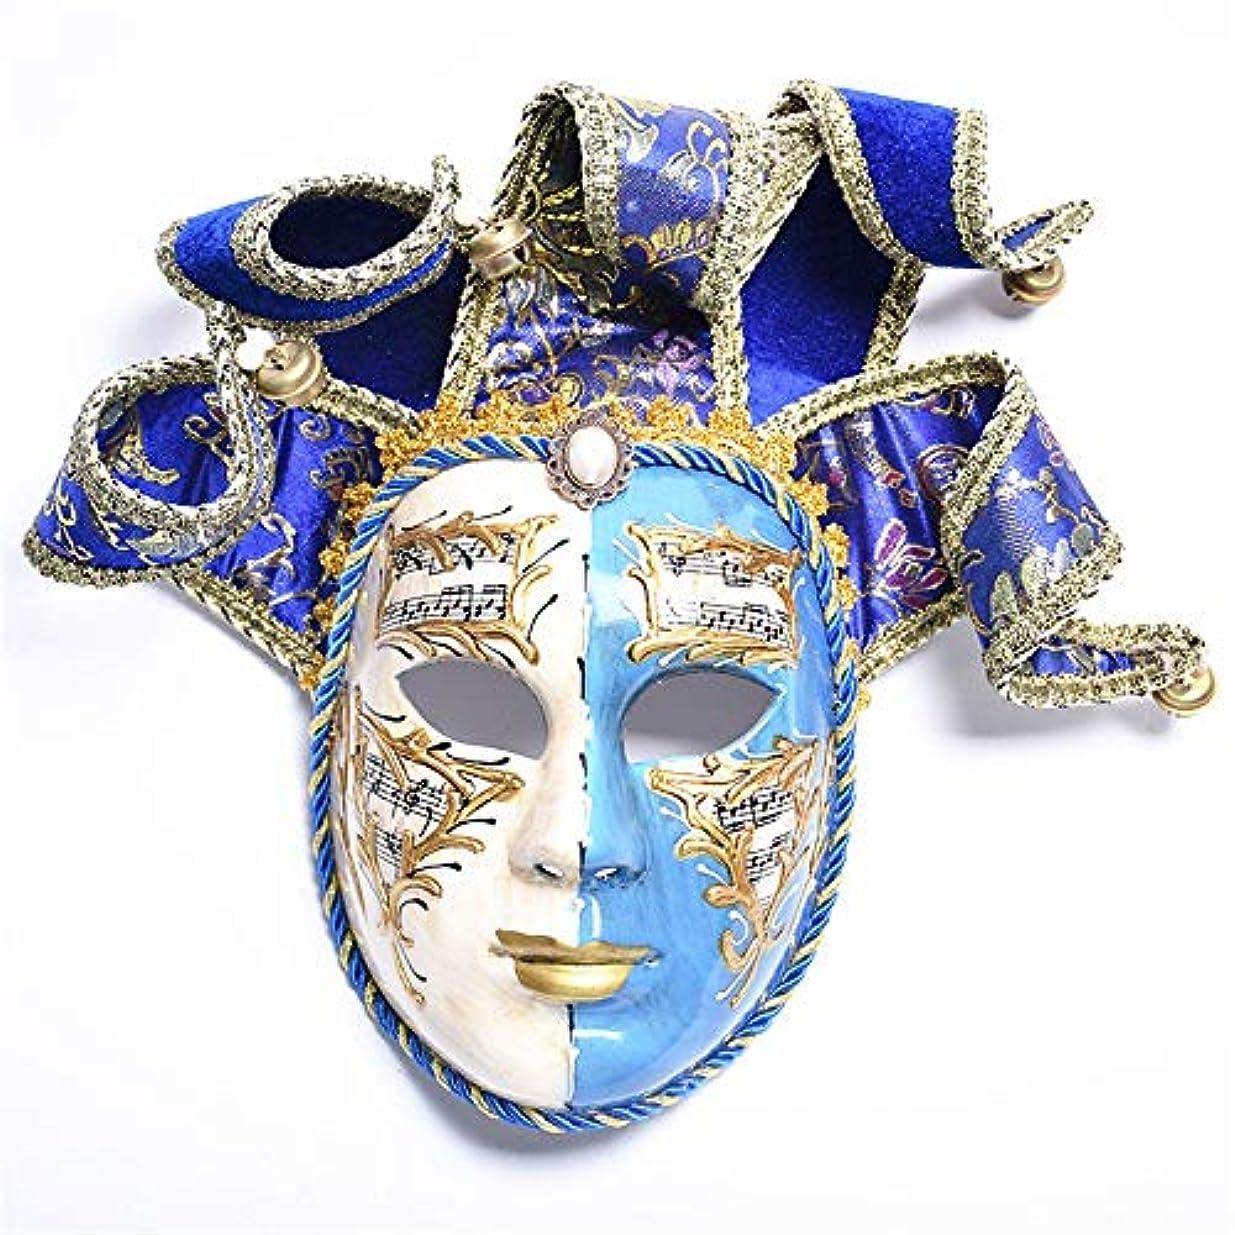 荒れ地交換砂利ダンスマスク 青と白の2色フルフェイスマスクパーティーマスカレードマスクハロウィーンカーニバル祭コスプレナイトクラブパーティーマスク ホリデーパーティー用品 (色 : 青, サイズ : 33x31cm)